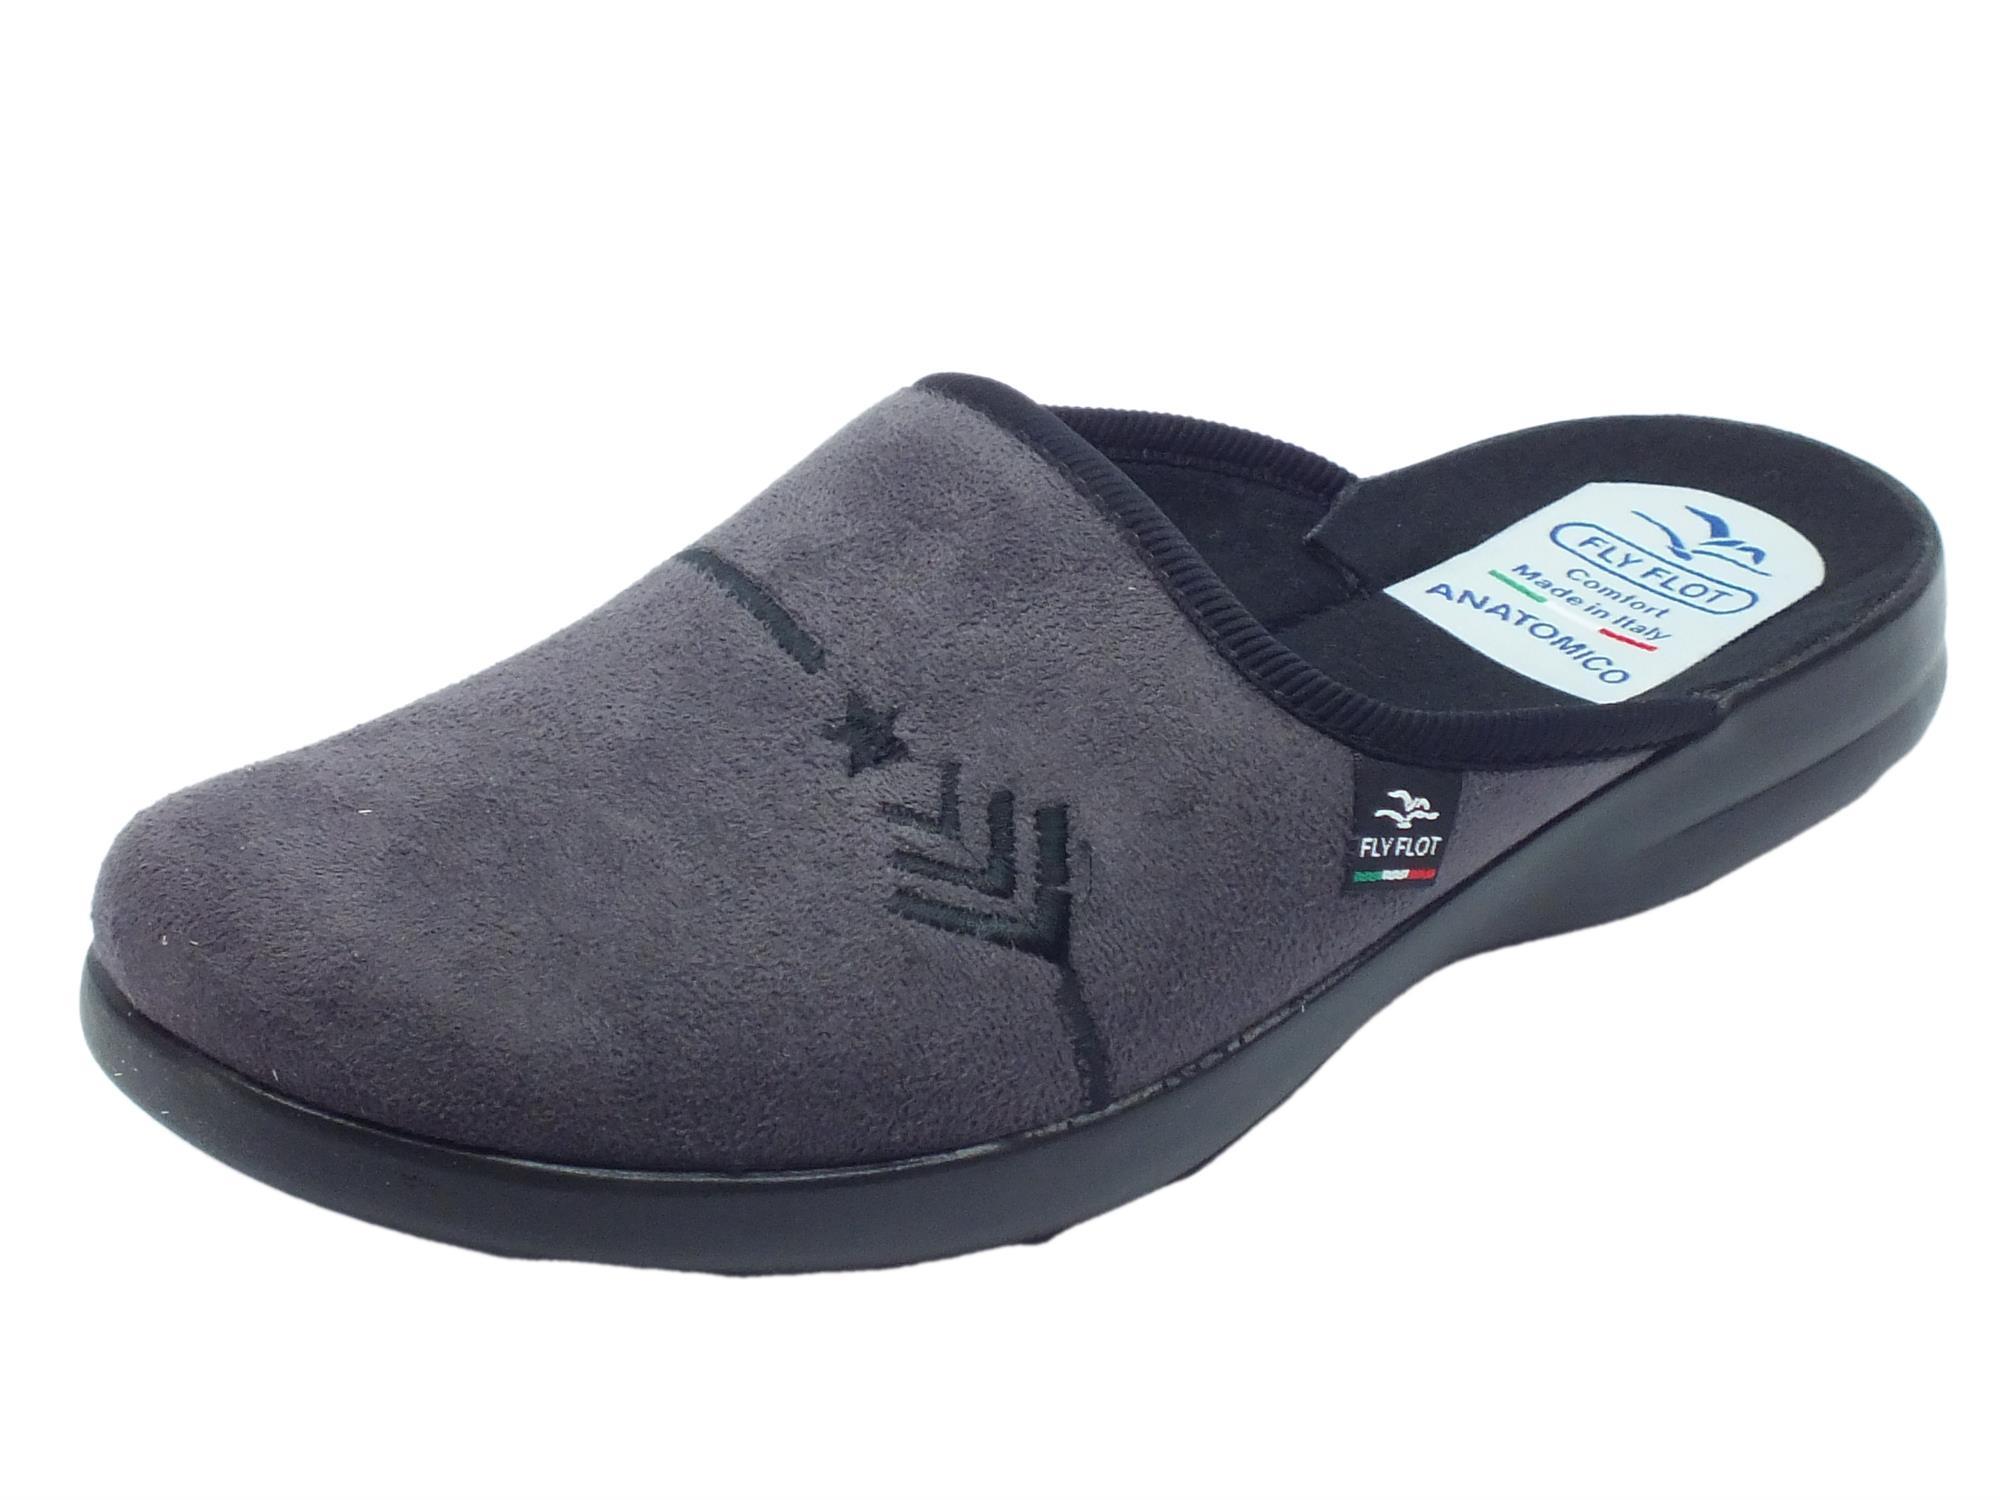 piuttosto fico design raffinato vendita più calda Pantofole Fly Flot per uomo in tessuto antracite sottopiede anatomico